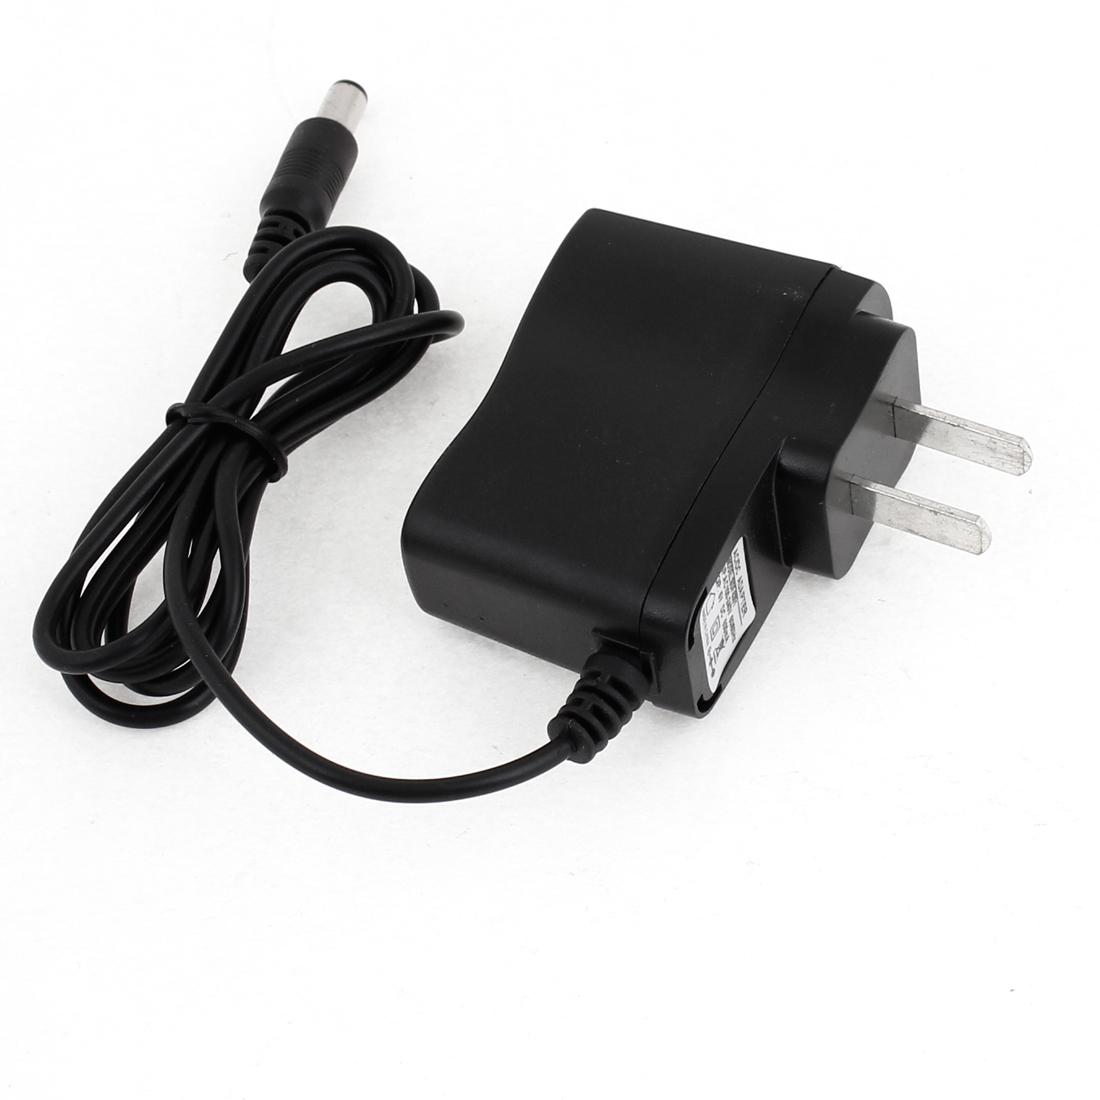 US Plug Travel AC 100-240V 50-60Hz DC 5V 500mA Power Adapter Converter w Cable